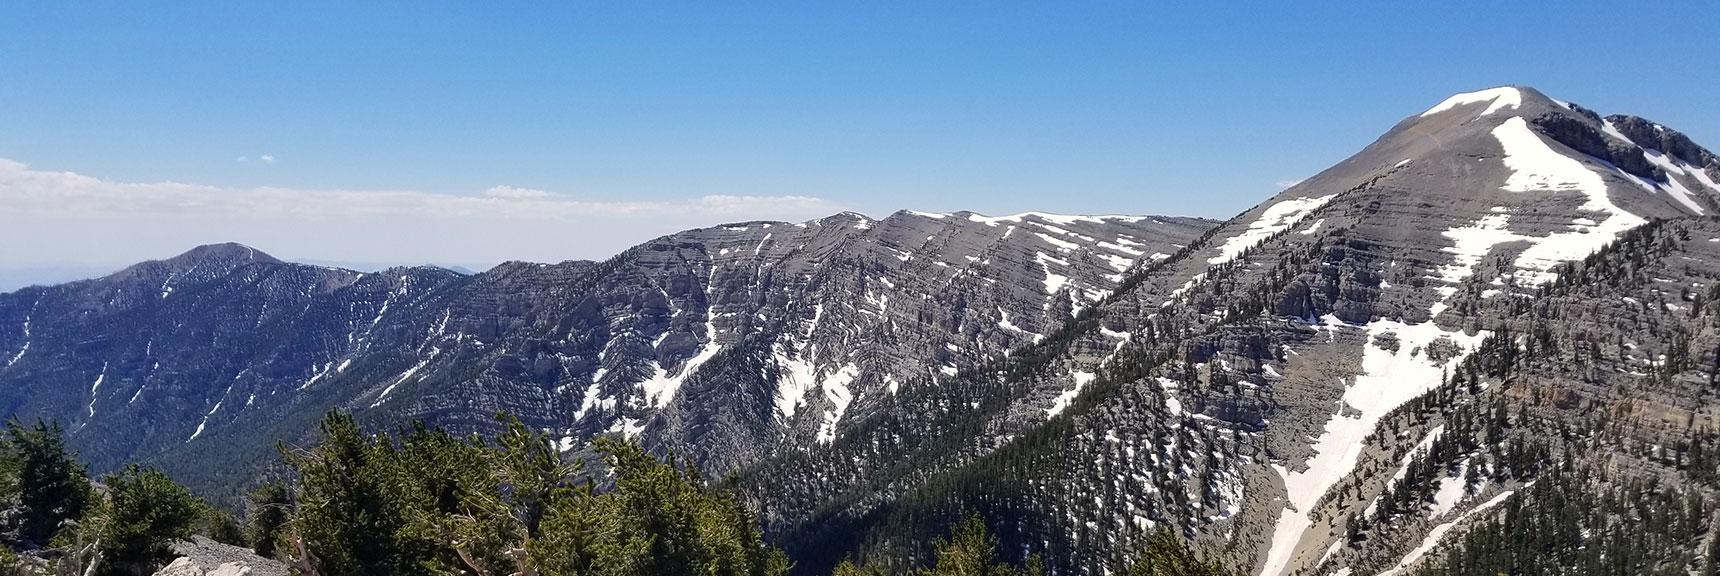 Charleston Peak Viewed from North Loop Trail Below Lee Peak Summit